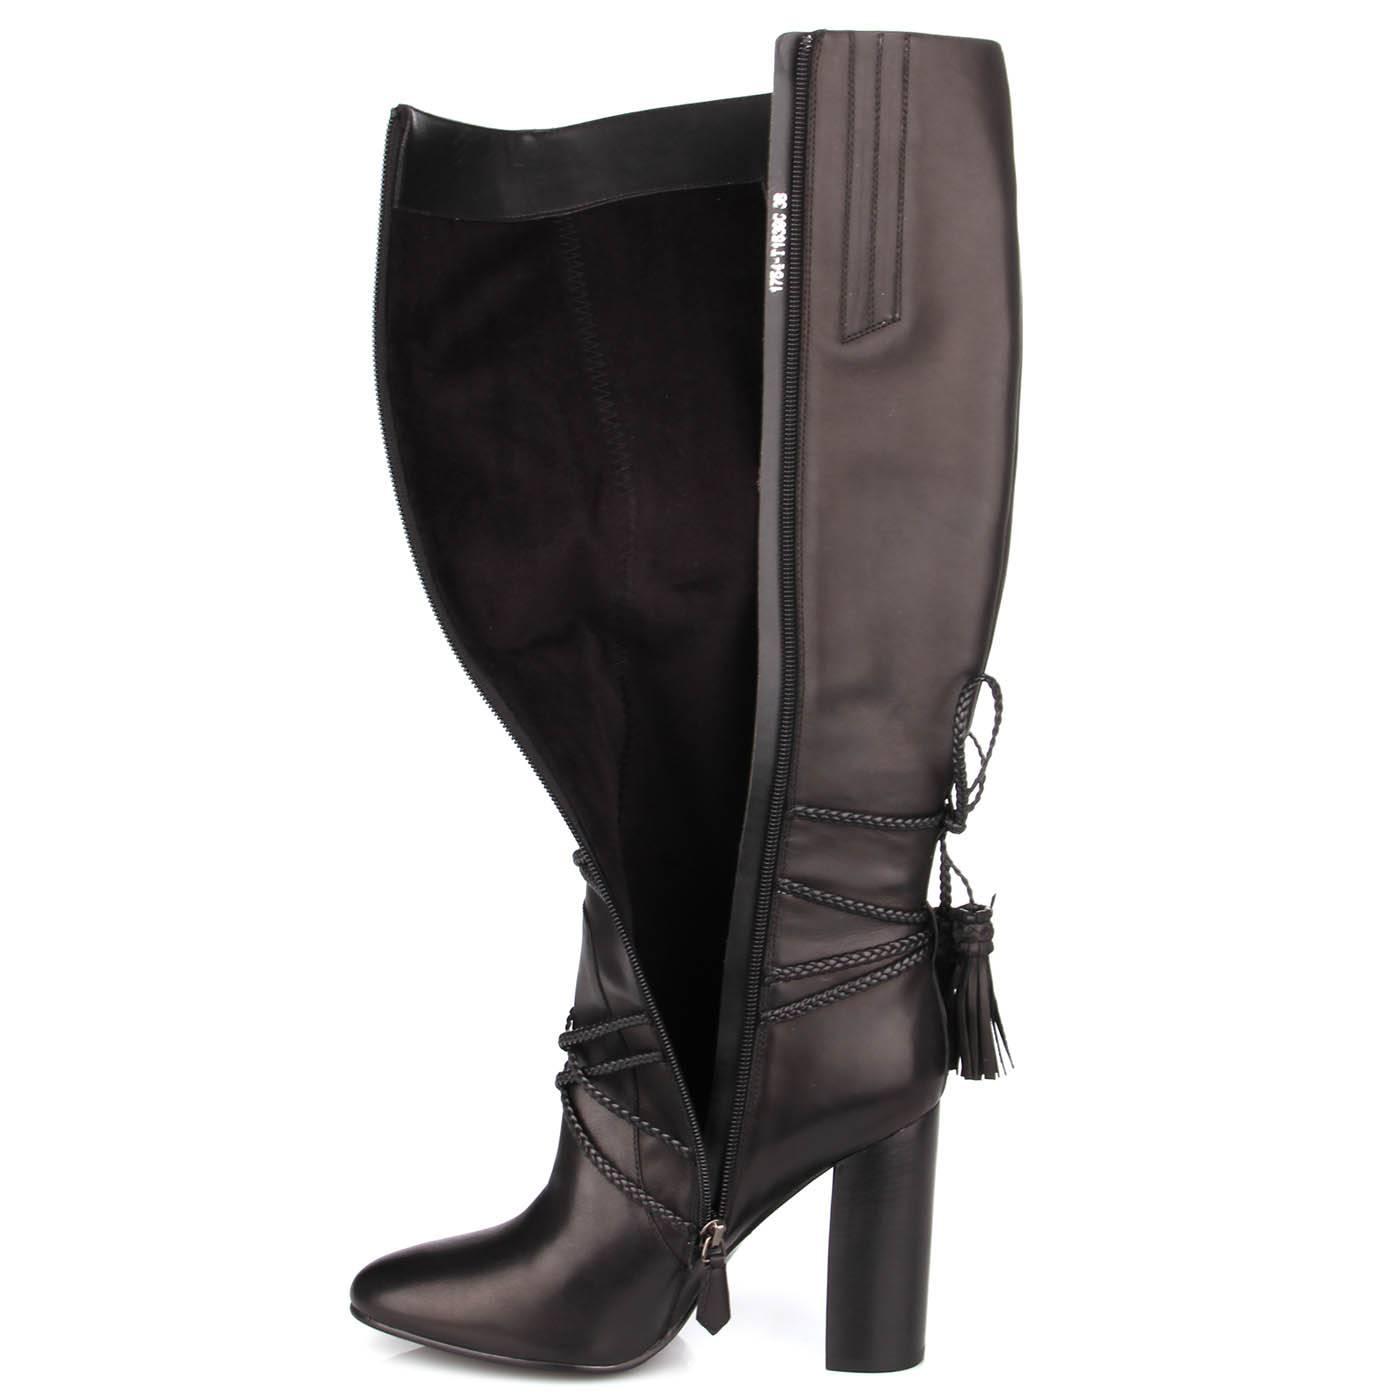 Чоботи жіночі ditto 6269 Чорний купить по выгодной цене в интернет ... 7af51ecd89d80